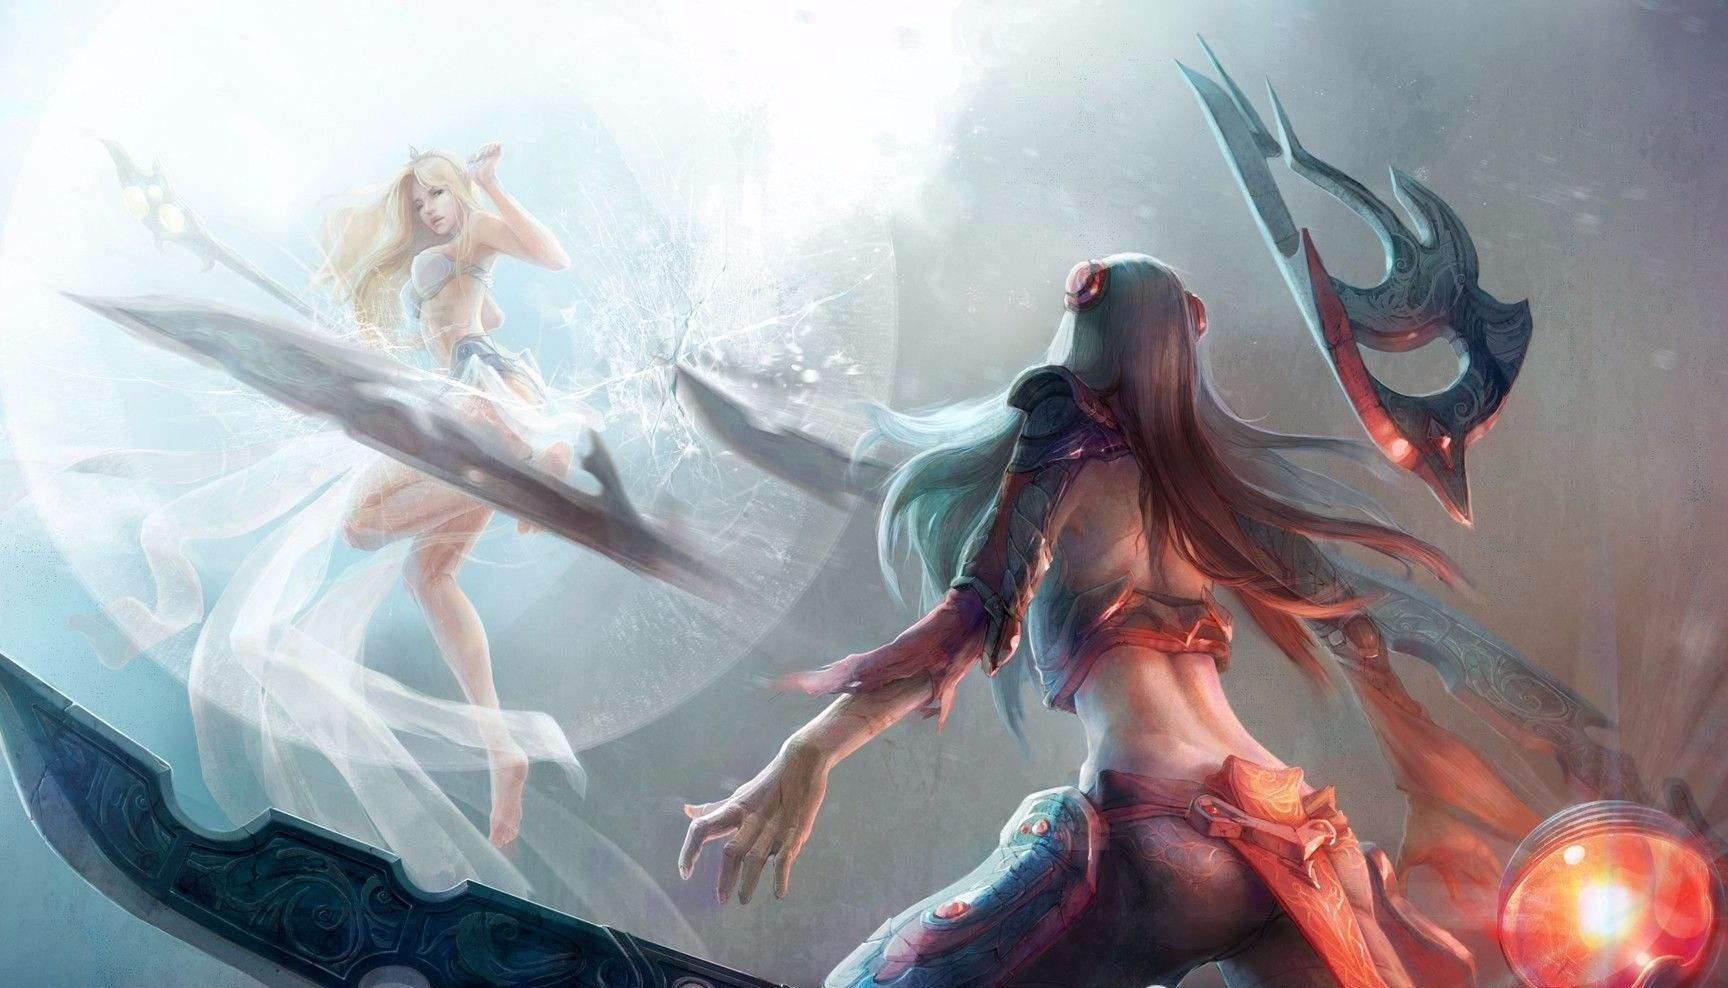 英雄联盟CG《战士》发布,EZ卡莎被暴打,符合当前AD现状!